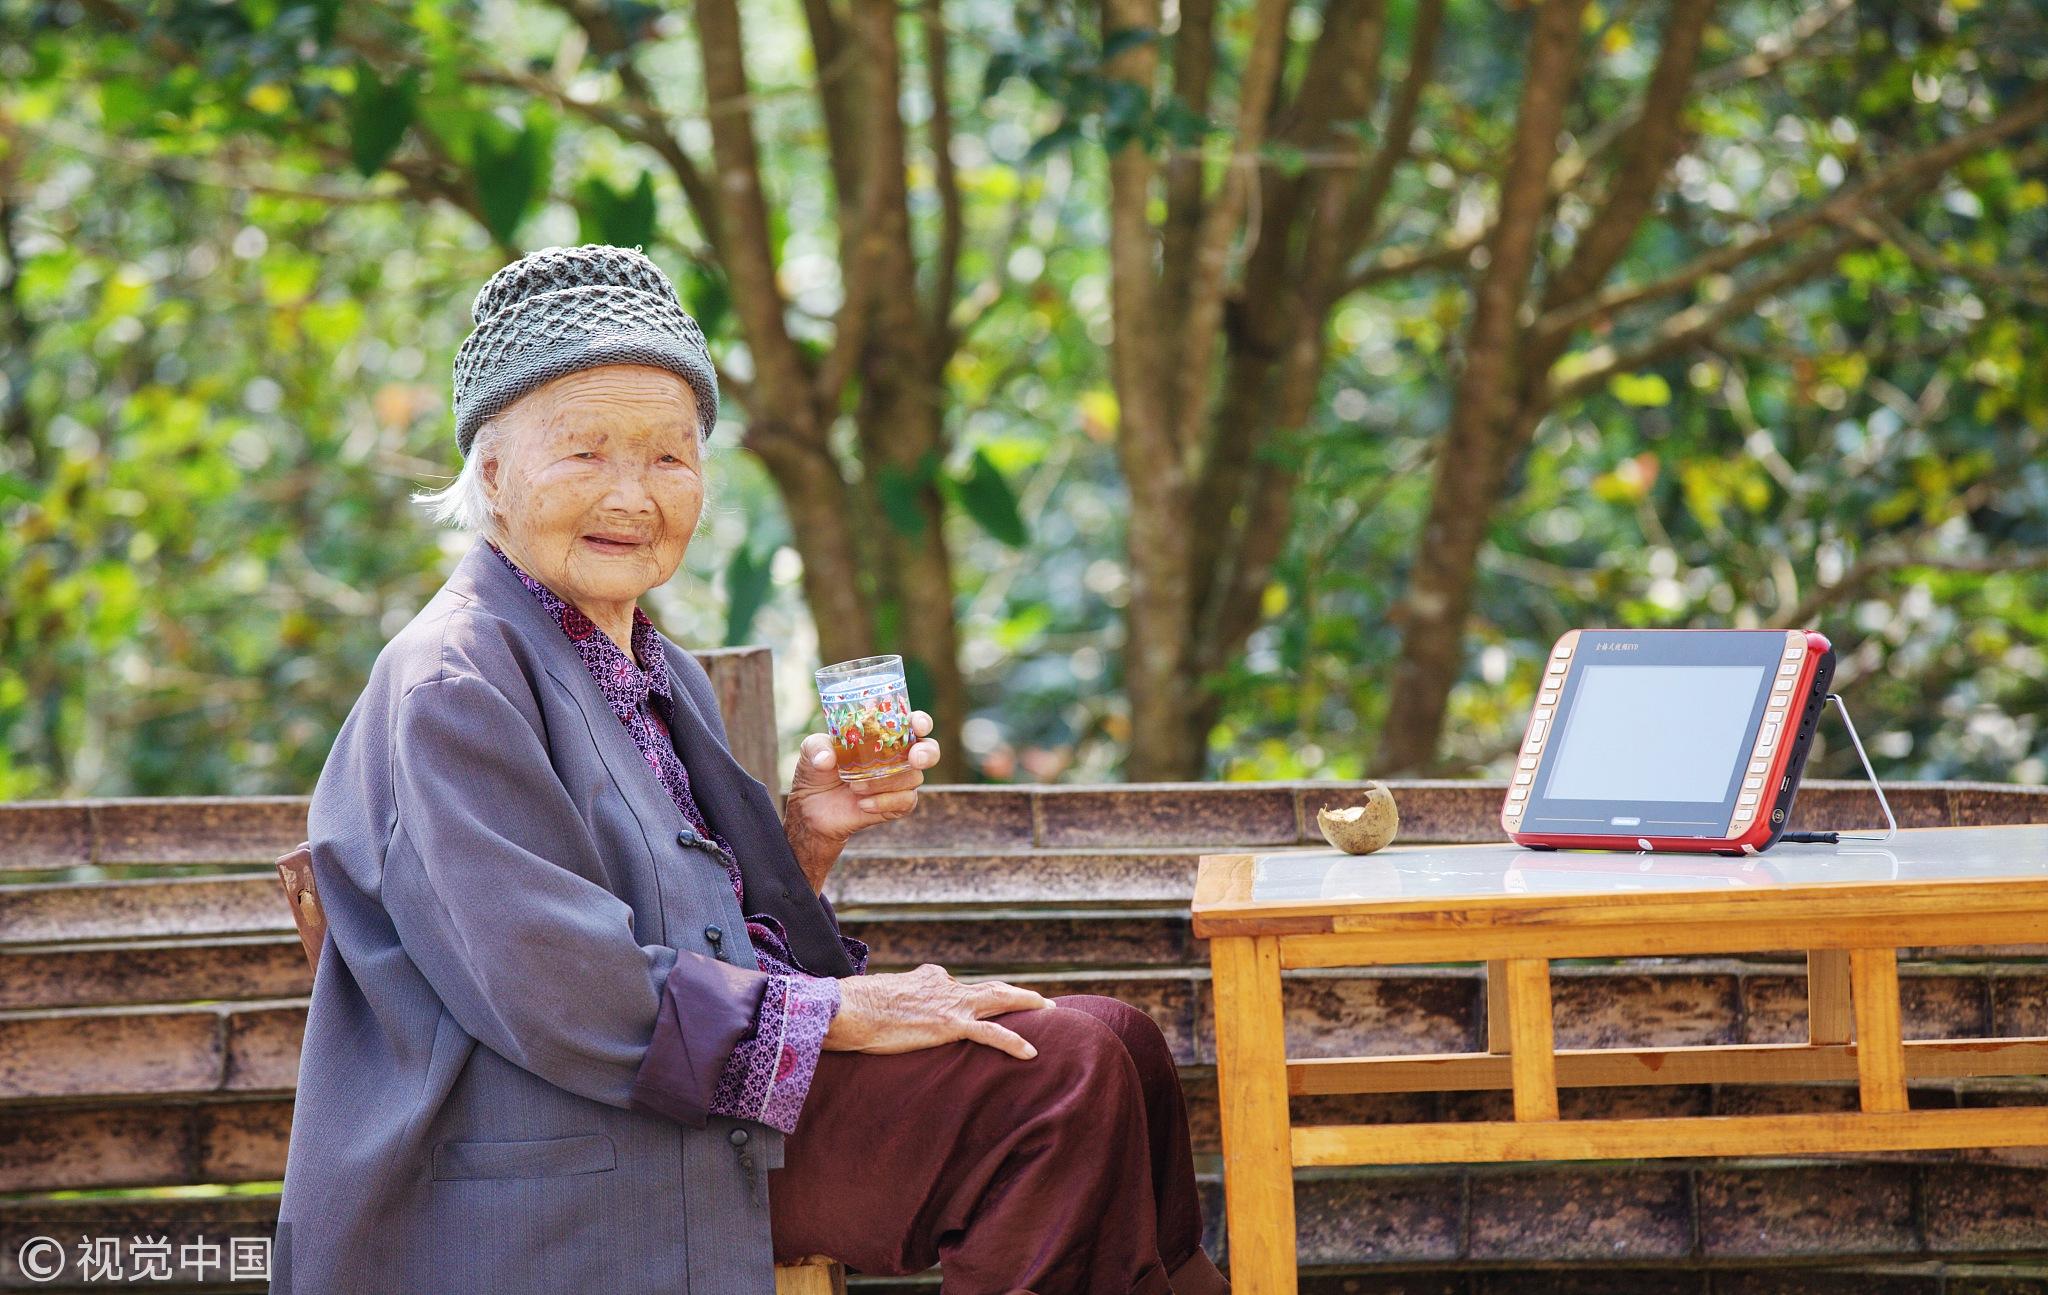 百岁女汉子赤脚干活 背柴上下山如履平地 !!! - 周公乐 - xinhua8848 的博客